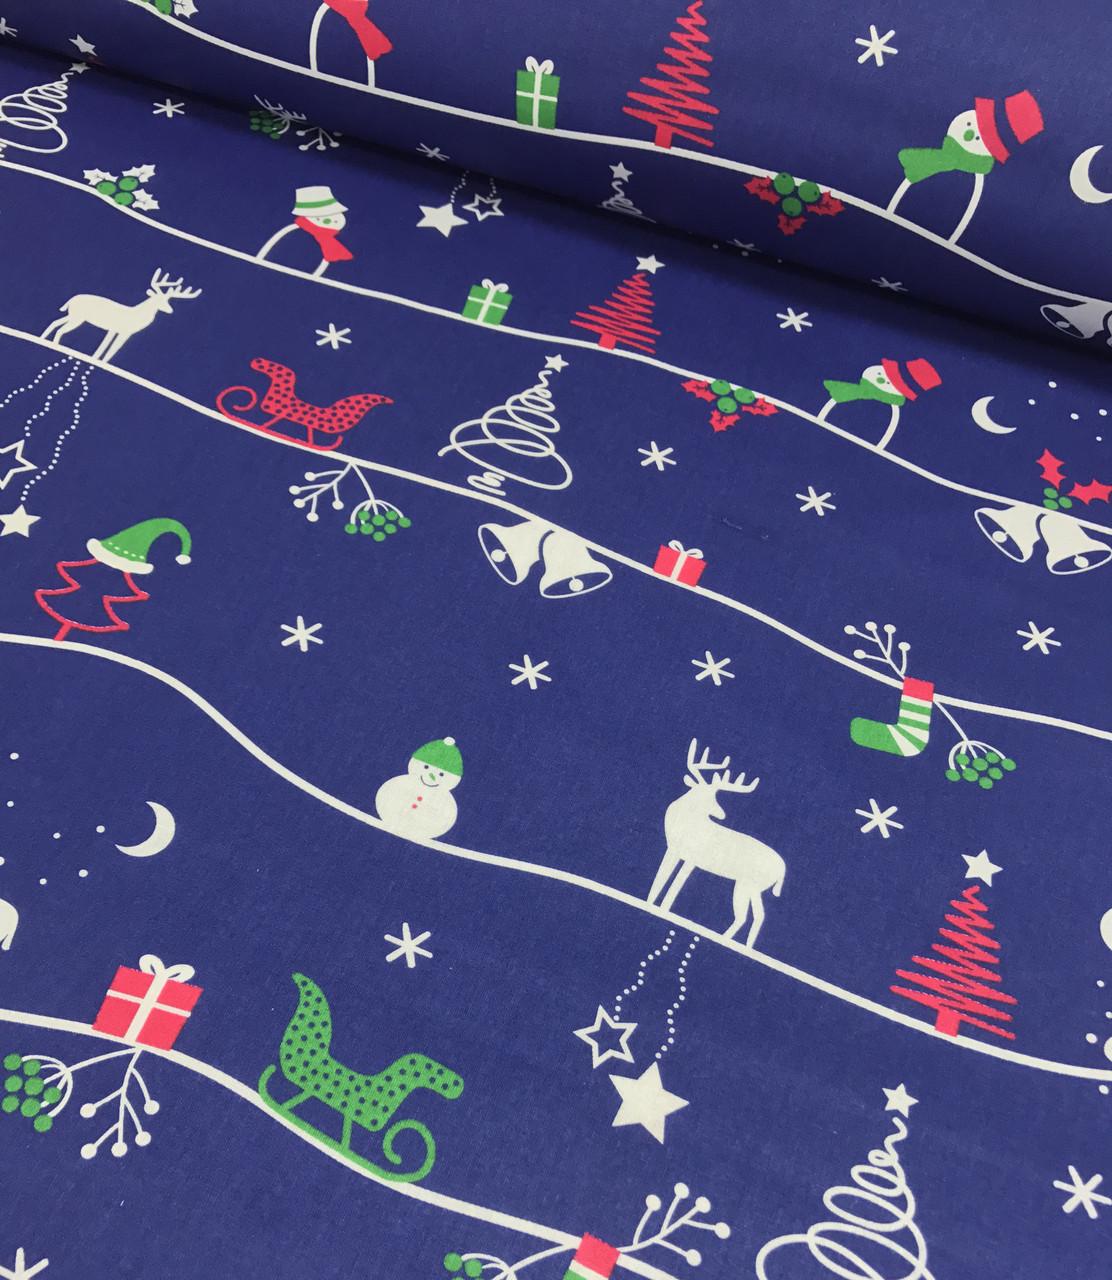 Новогодняя ткань польская олени, снеговики, елочки на синем №340